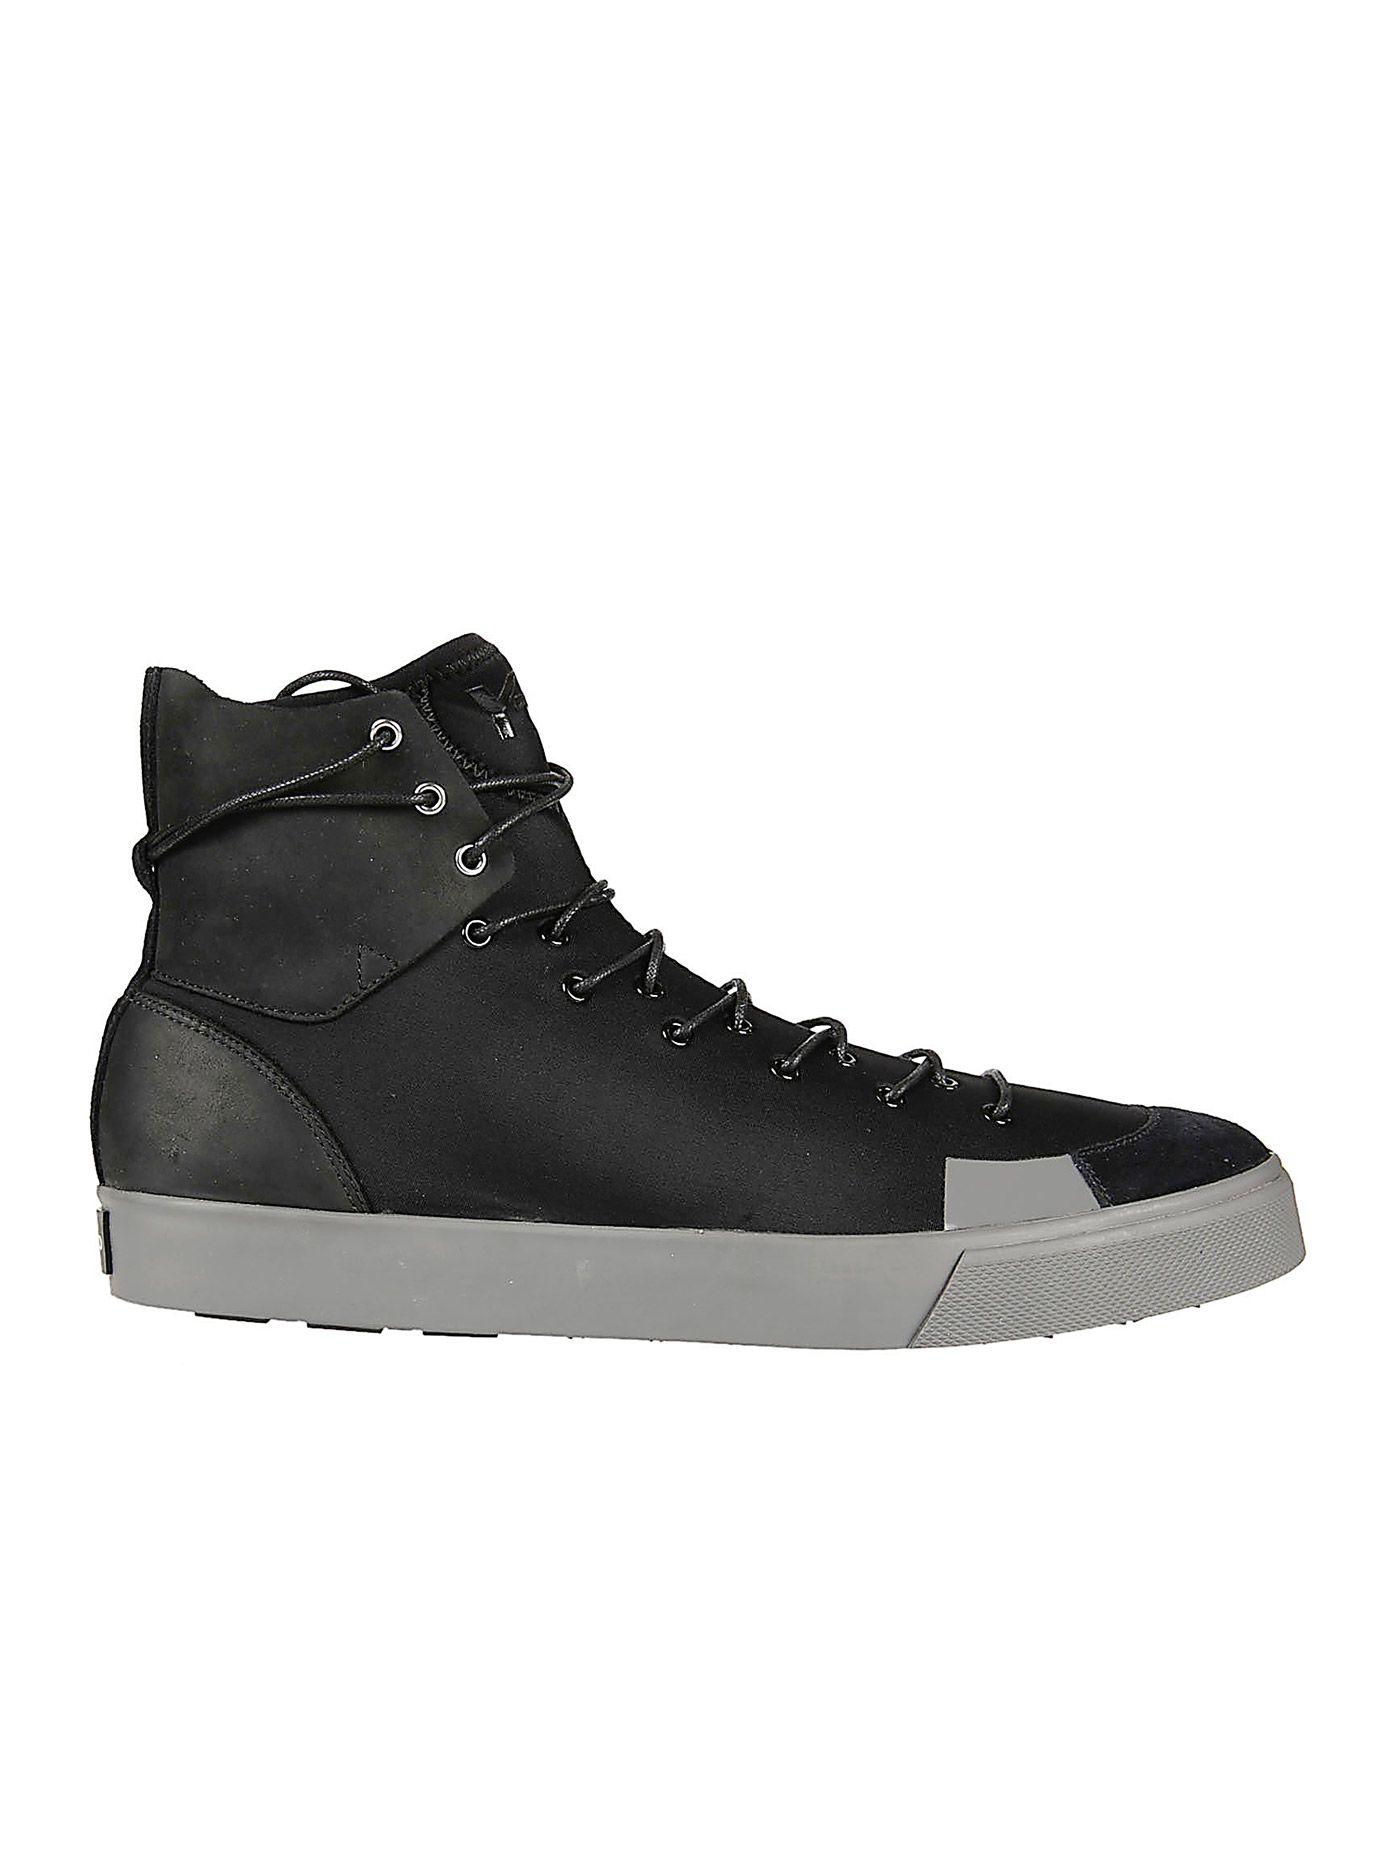 Sen High-top Sneakers